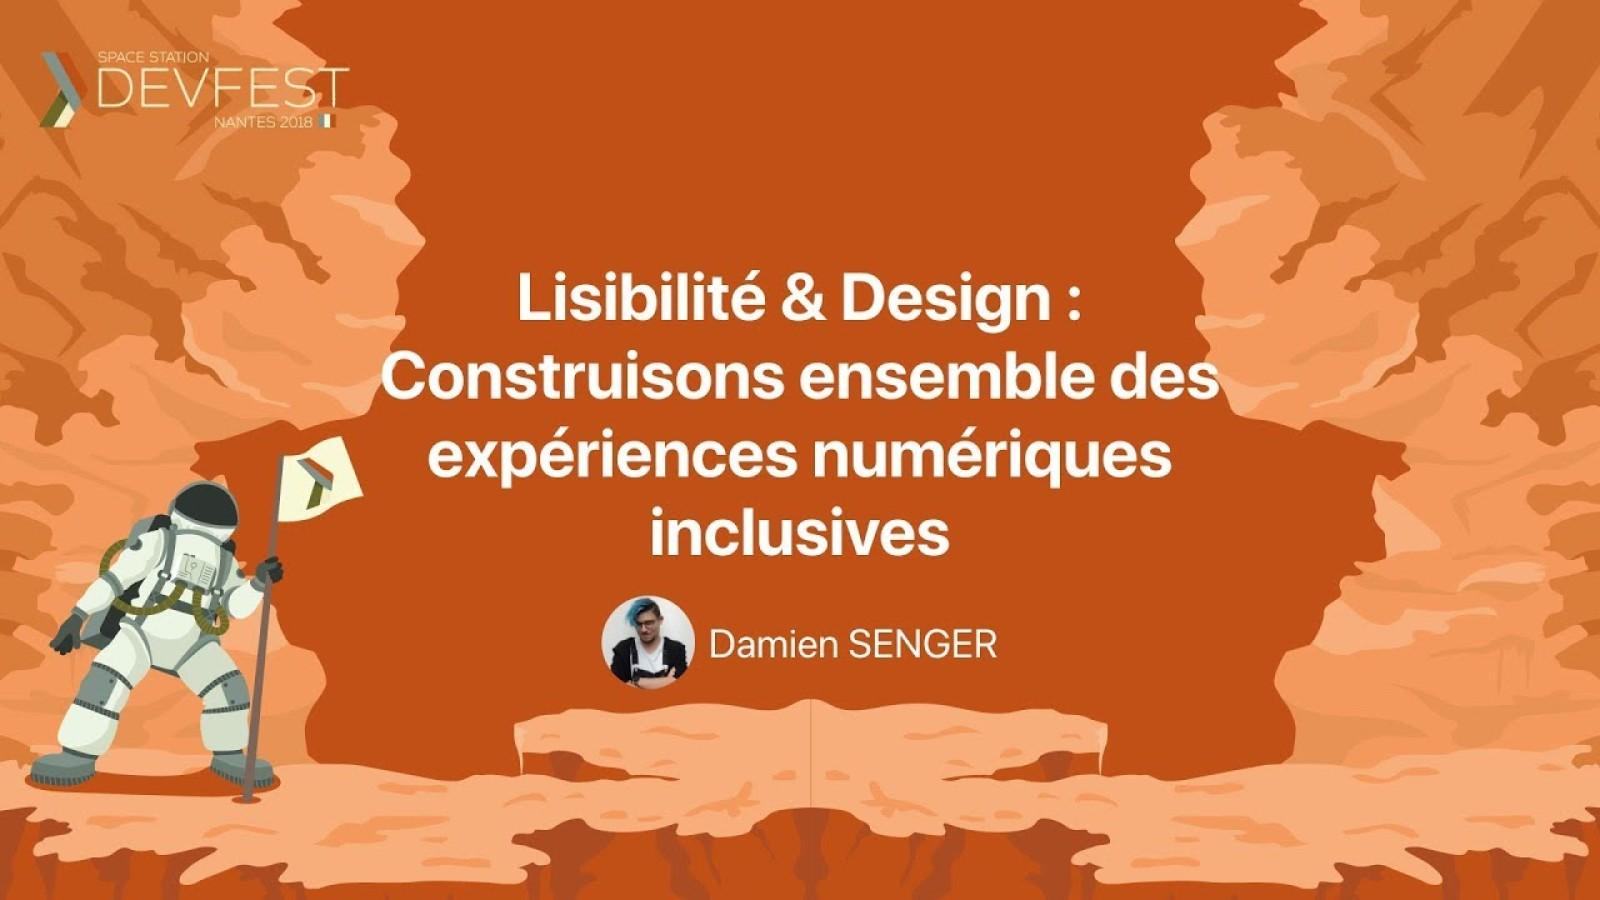 Lisibilité & Design : Construisons ensemble des expériences numériques inclusives